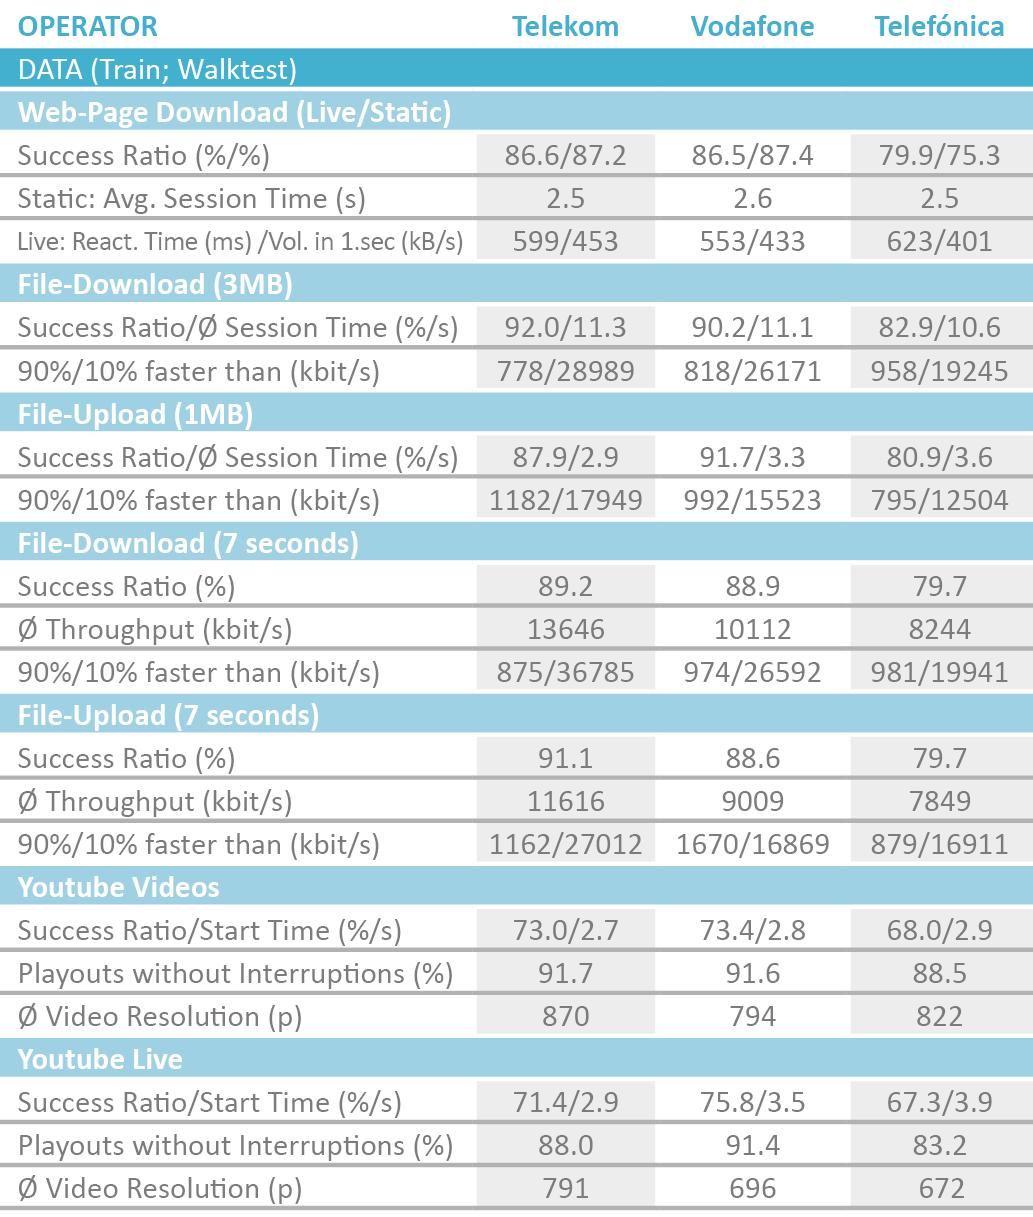 D_Tabelle_DatenBahnWalktest2018_englisch.png